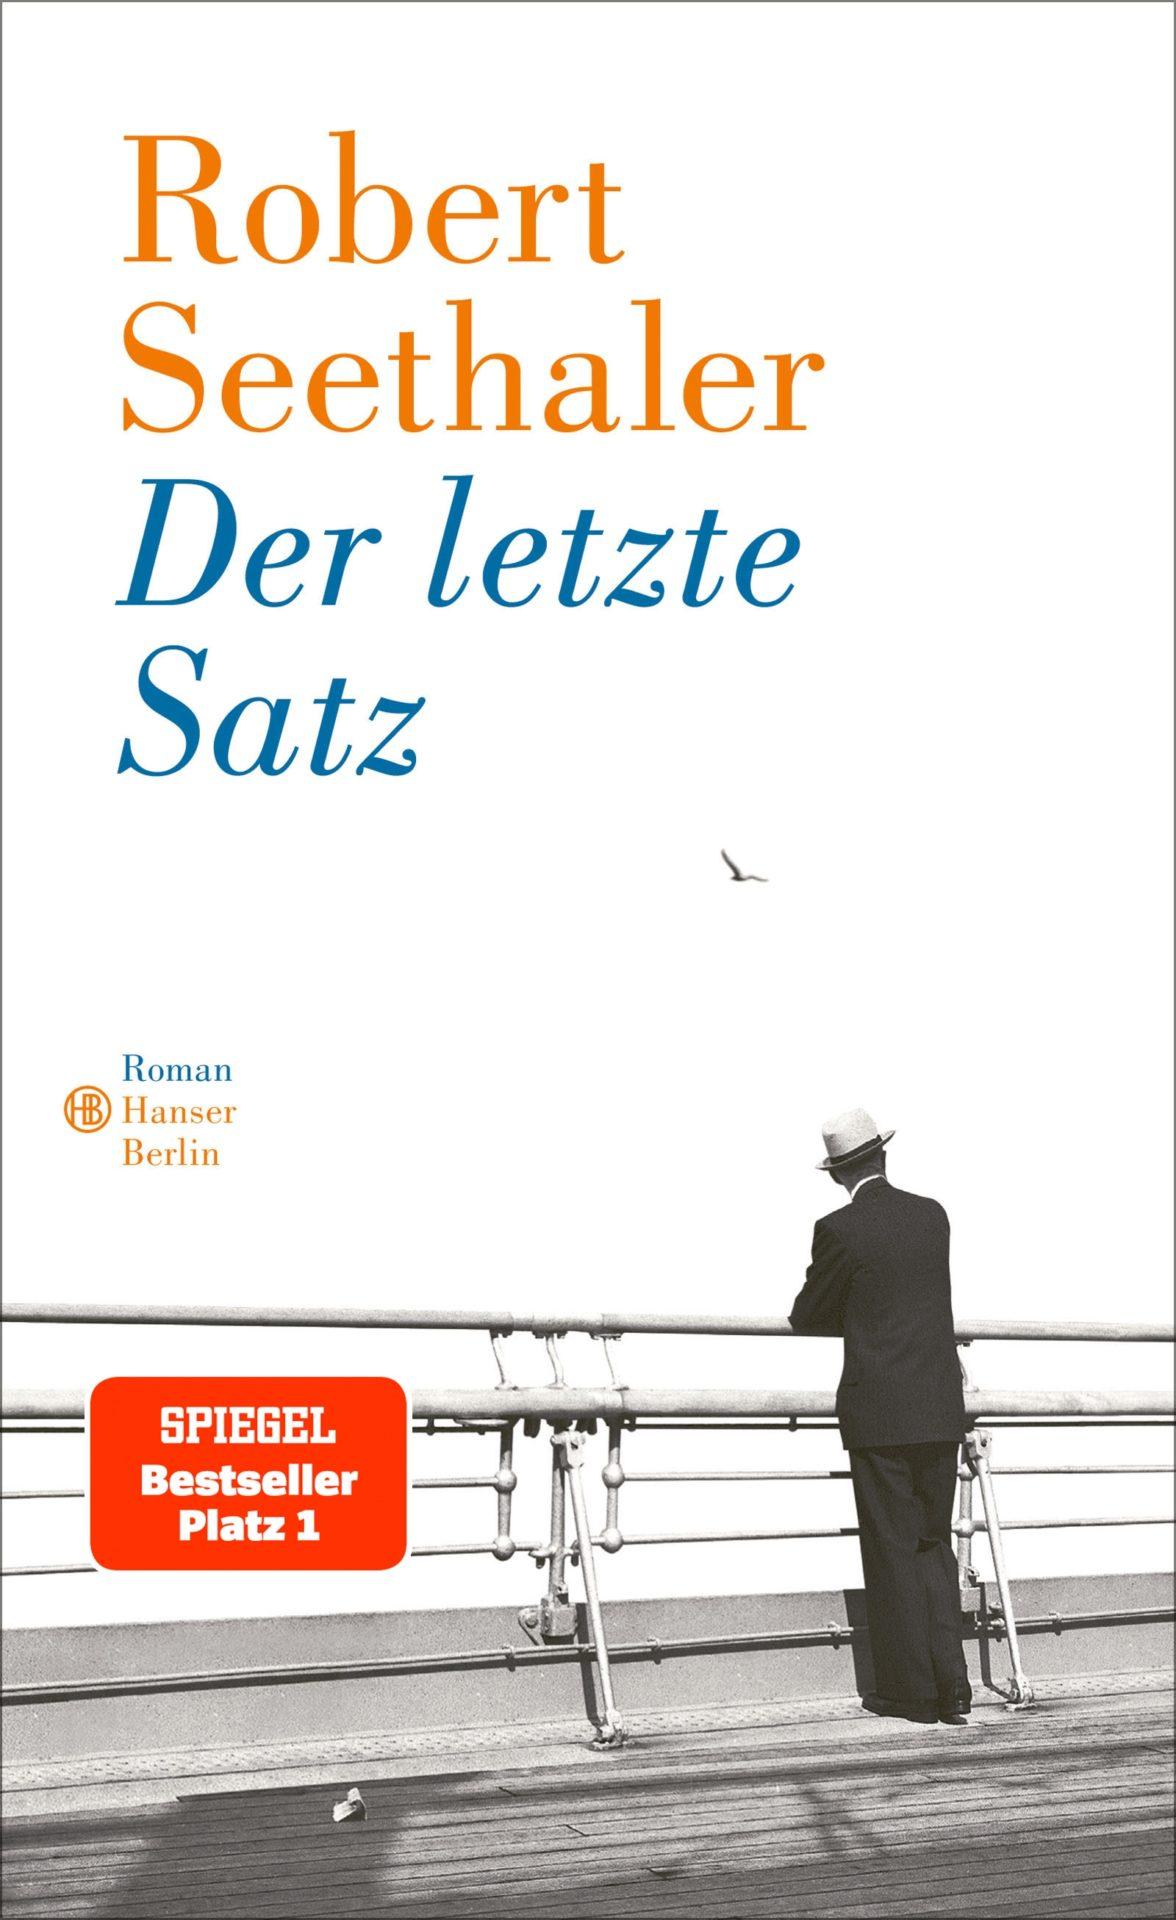 Buchbesprechung: Robert Seethaler, Der letzte Satz